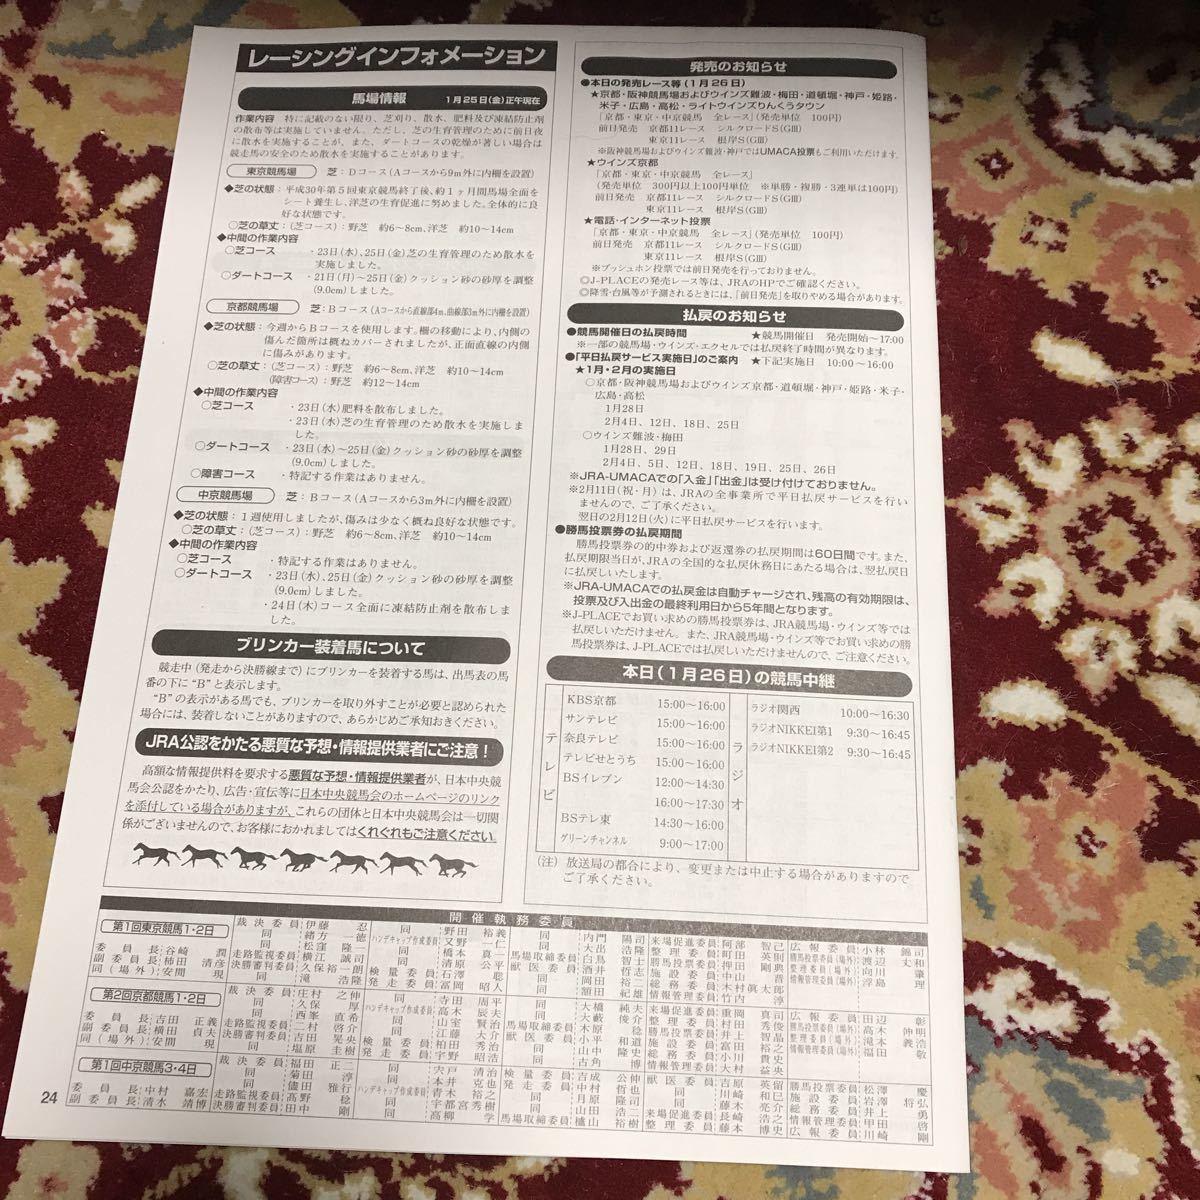 JRAレーシングプログラム2019.1.26(土)愛知杯(GⅢ)、白富士ステークス(L)、橿原ステークス_画像2